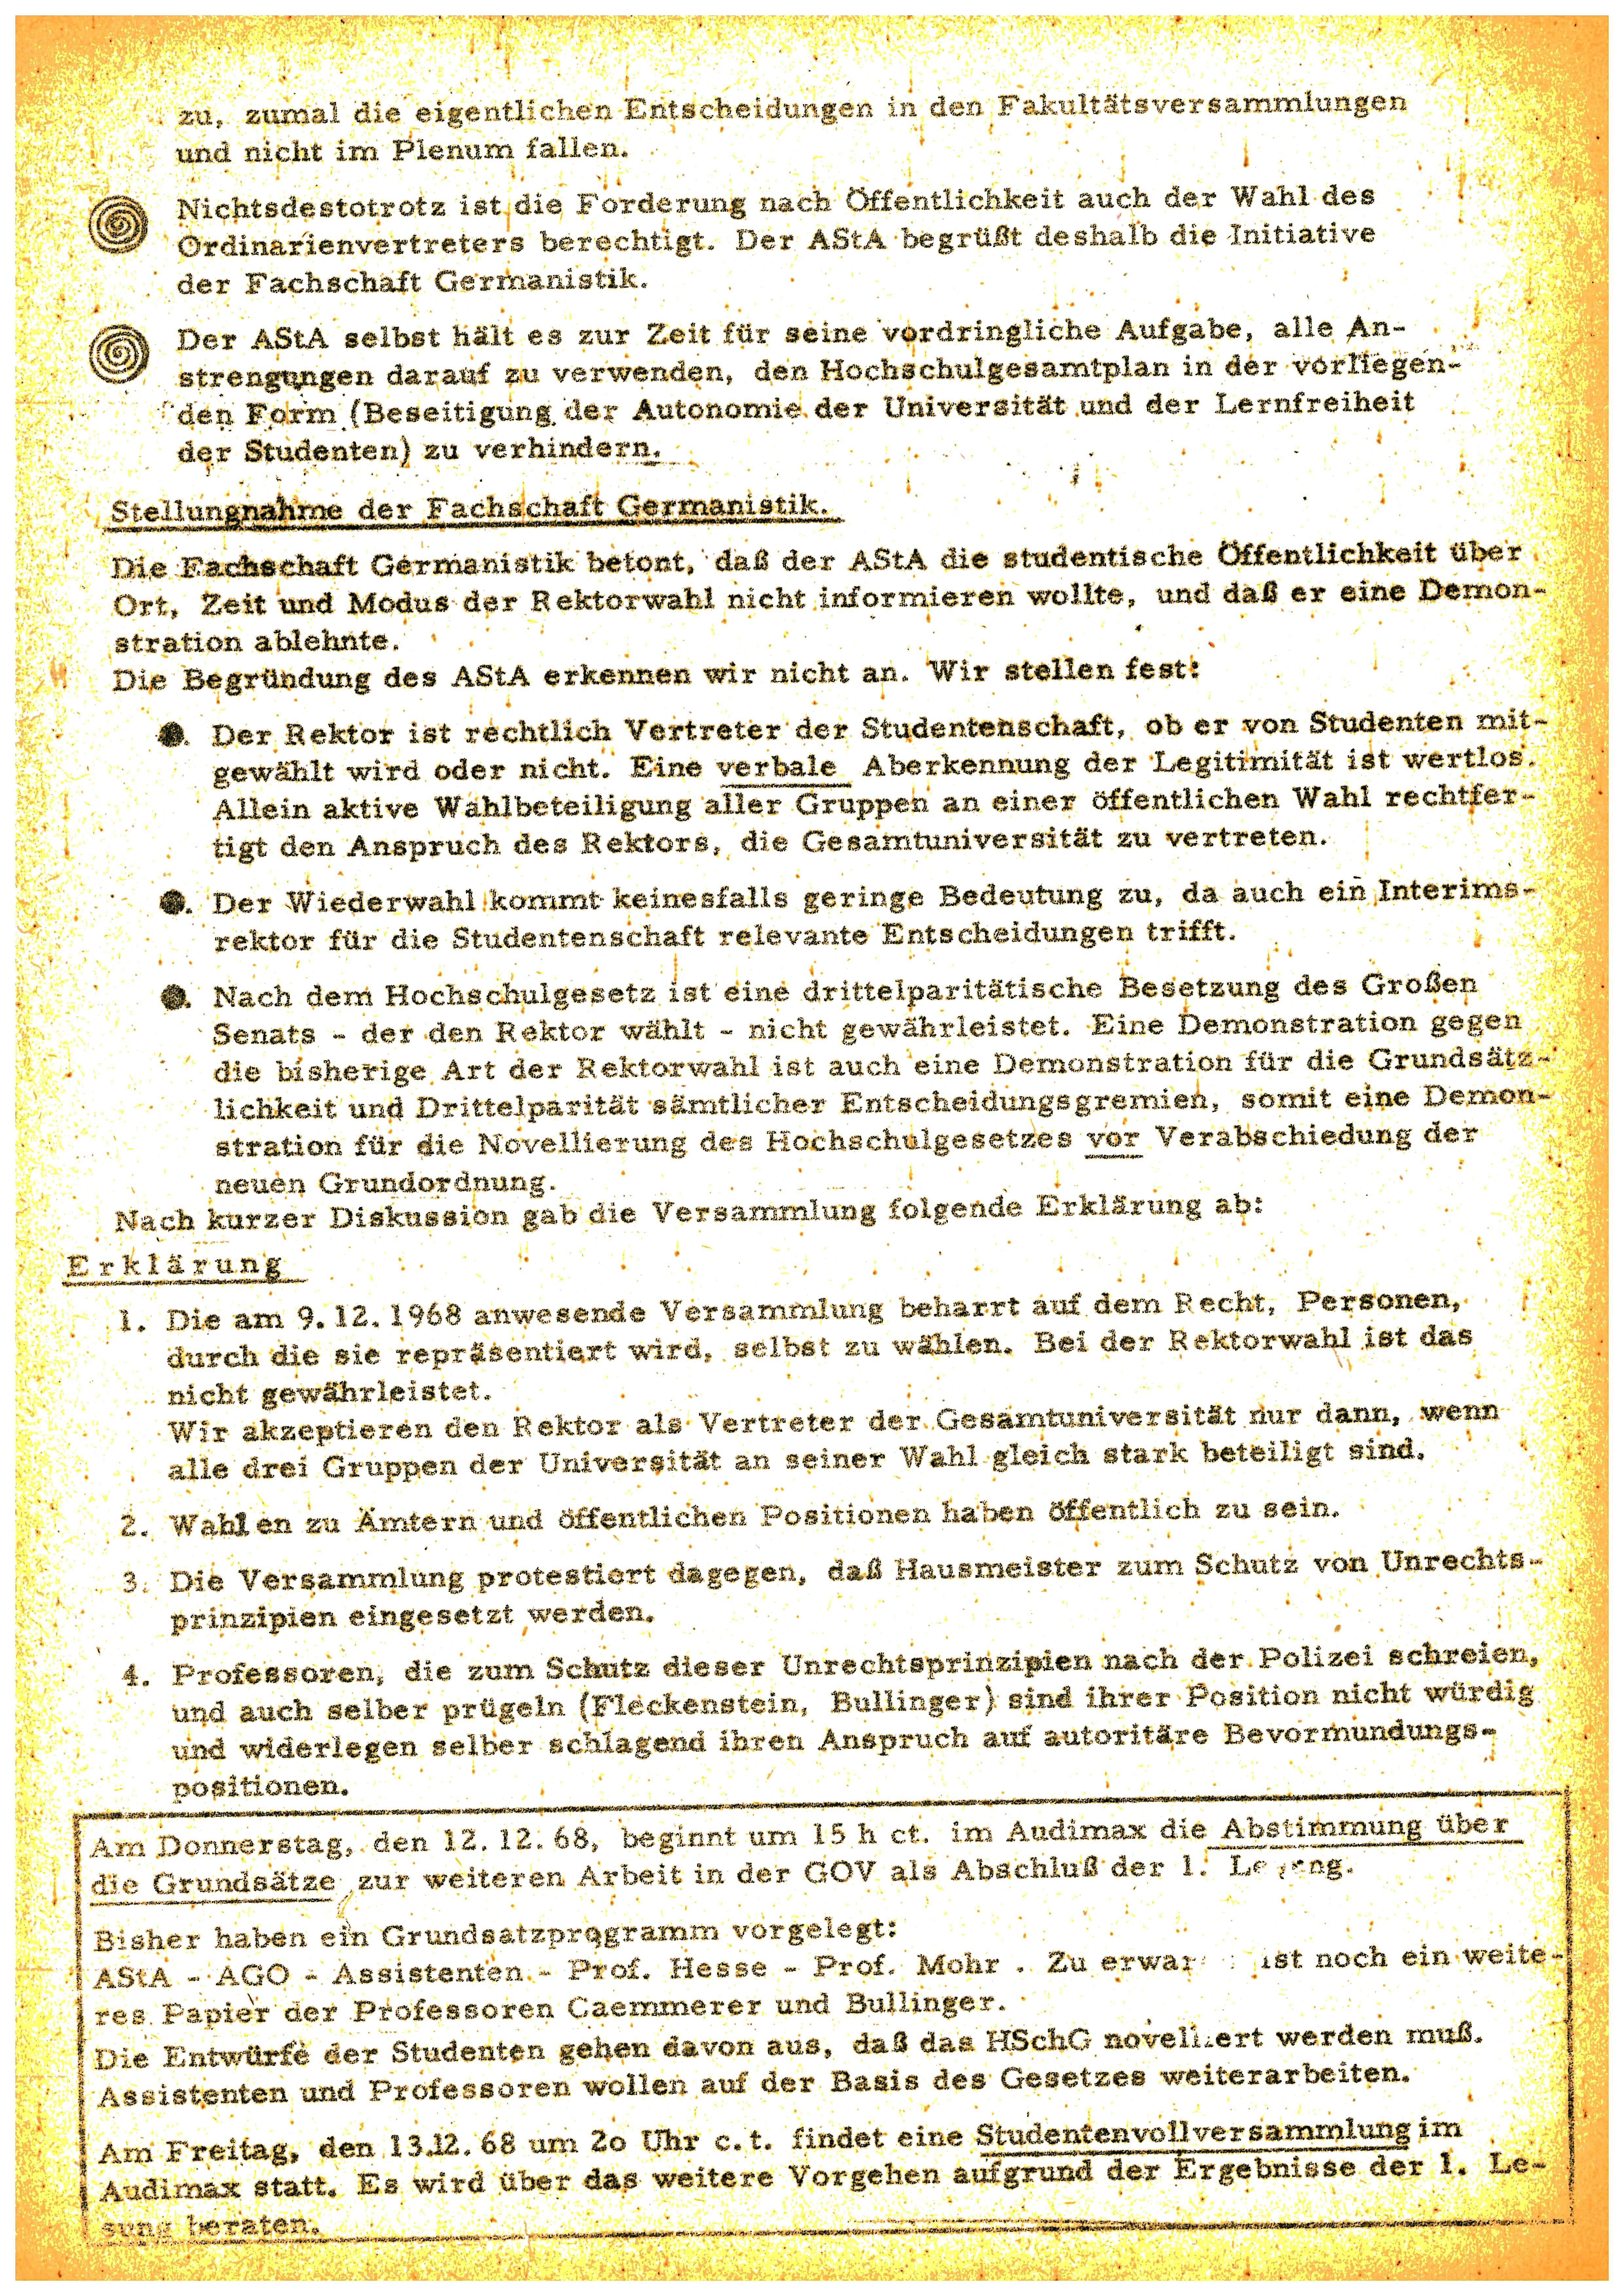 Abb. 4: UAF B47/259. asta-Information für Dozenten und Studenten Nummer 24, 10.12.1968 (Seite 2)